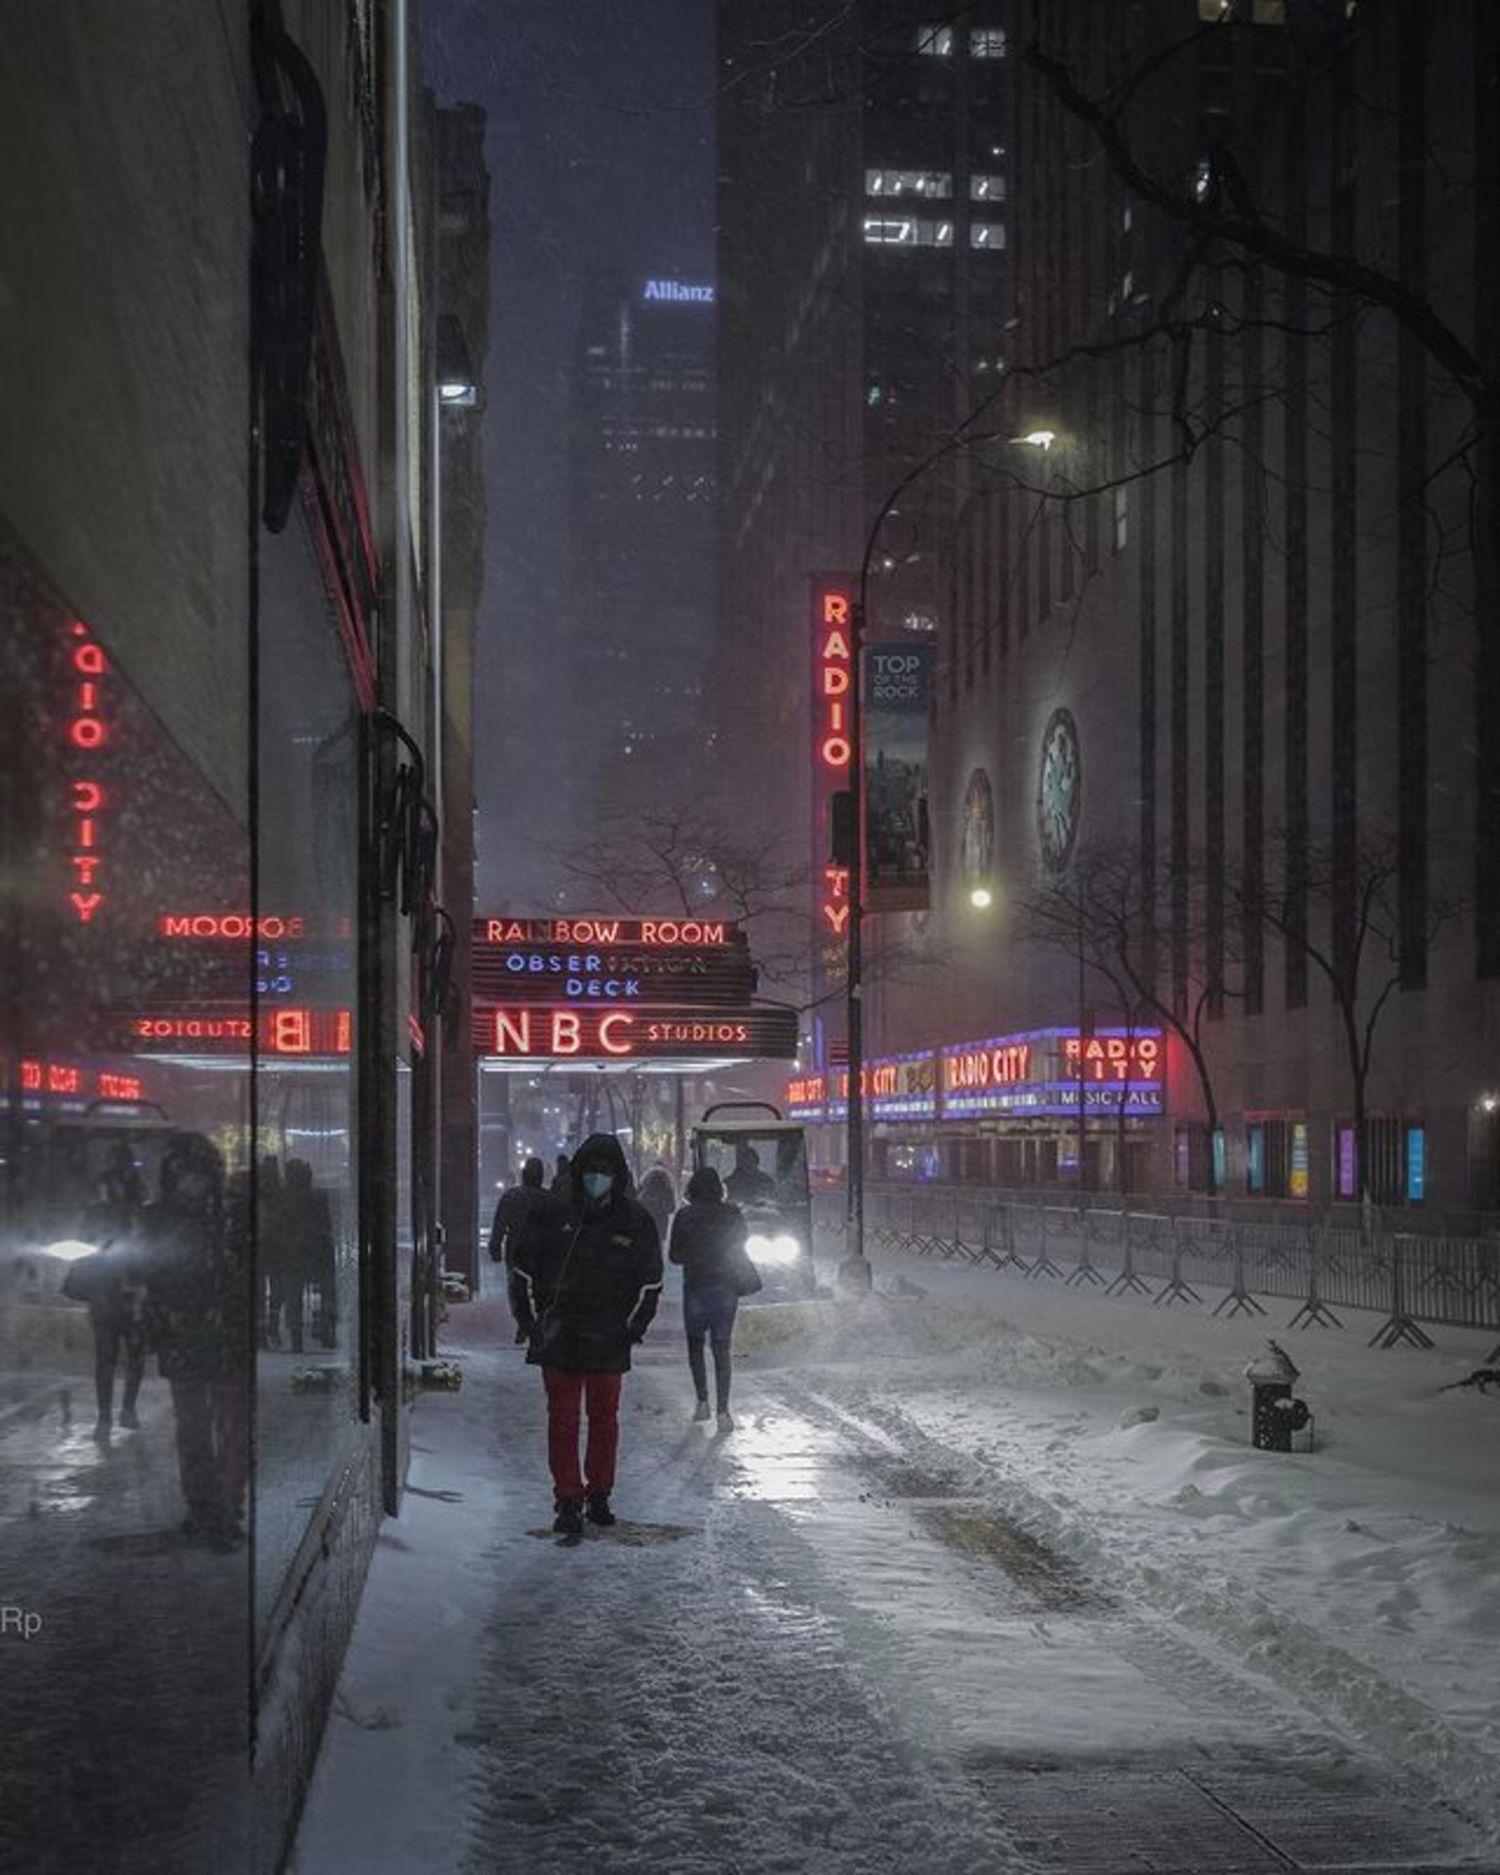 West 50th Street, Midtown, Manhattan